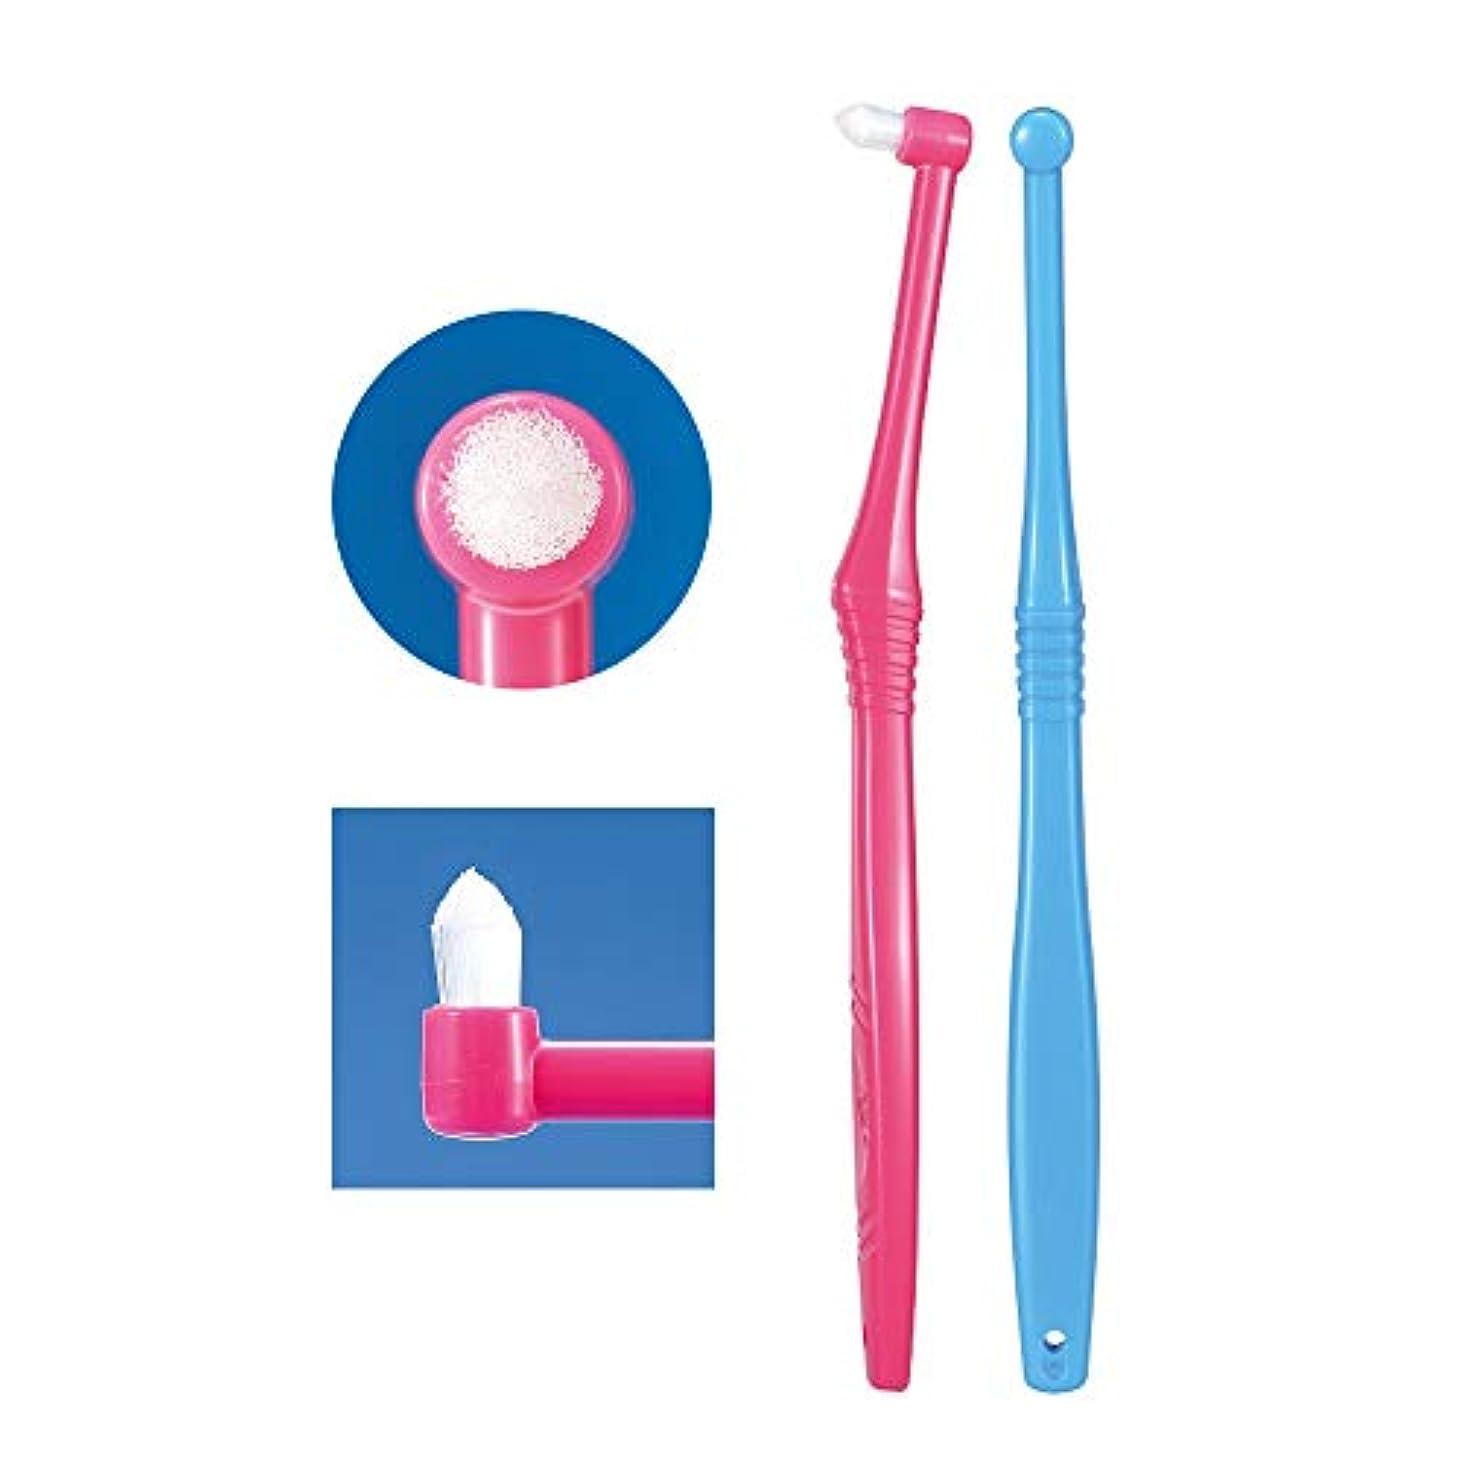 考慮変換スペードCi PROワンタフト 1本 ラージヘッド M(ふつう) ポイント磨き 歯科専売品